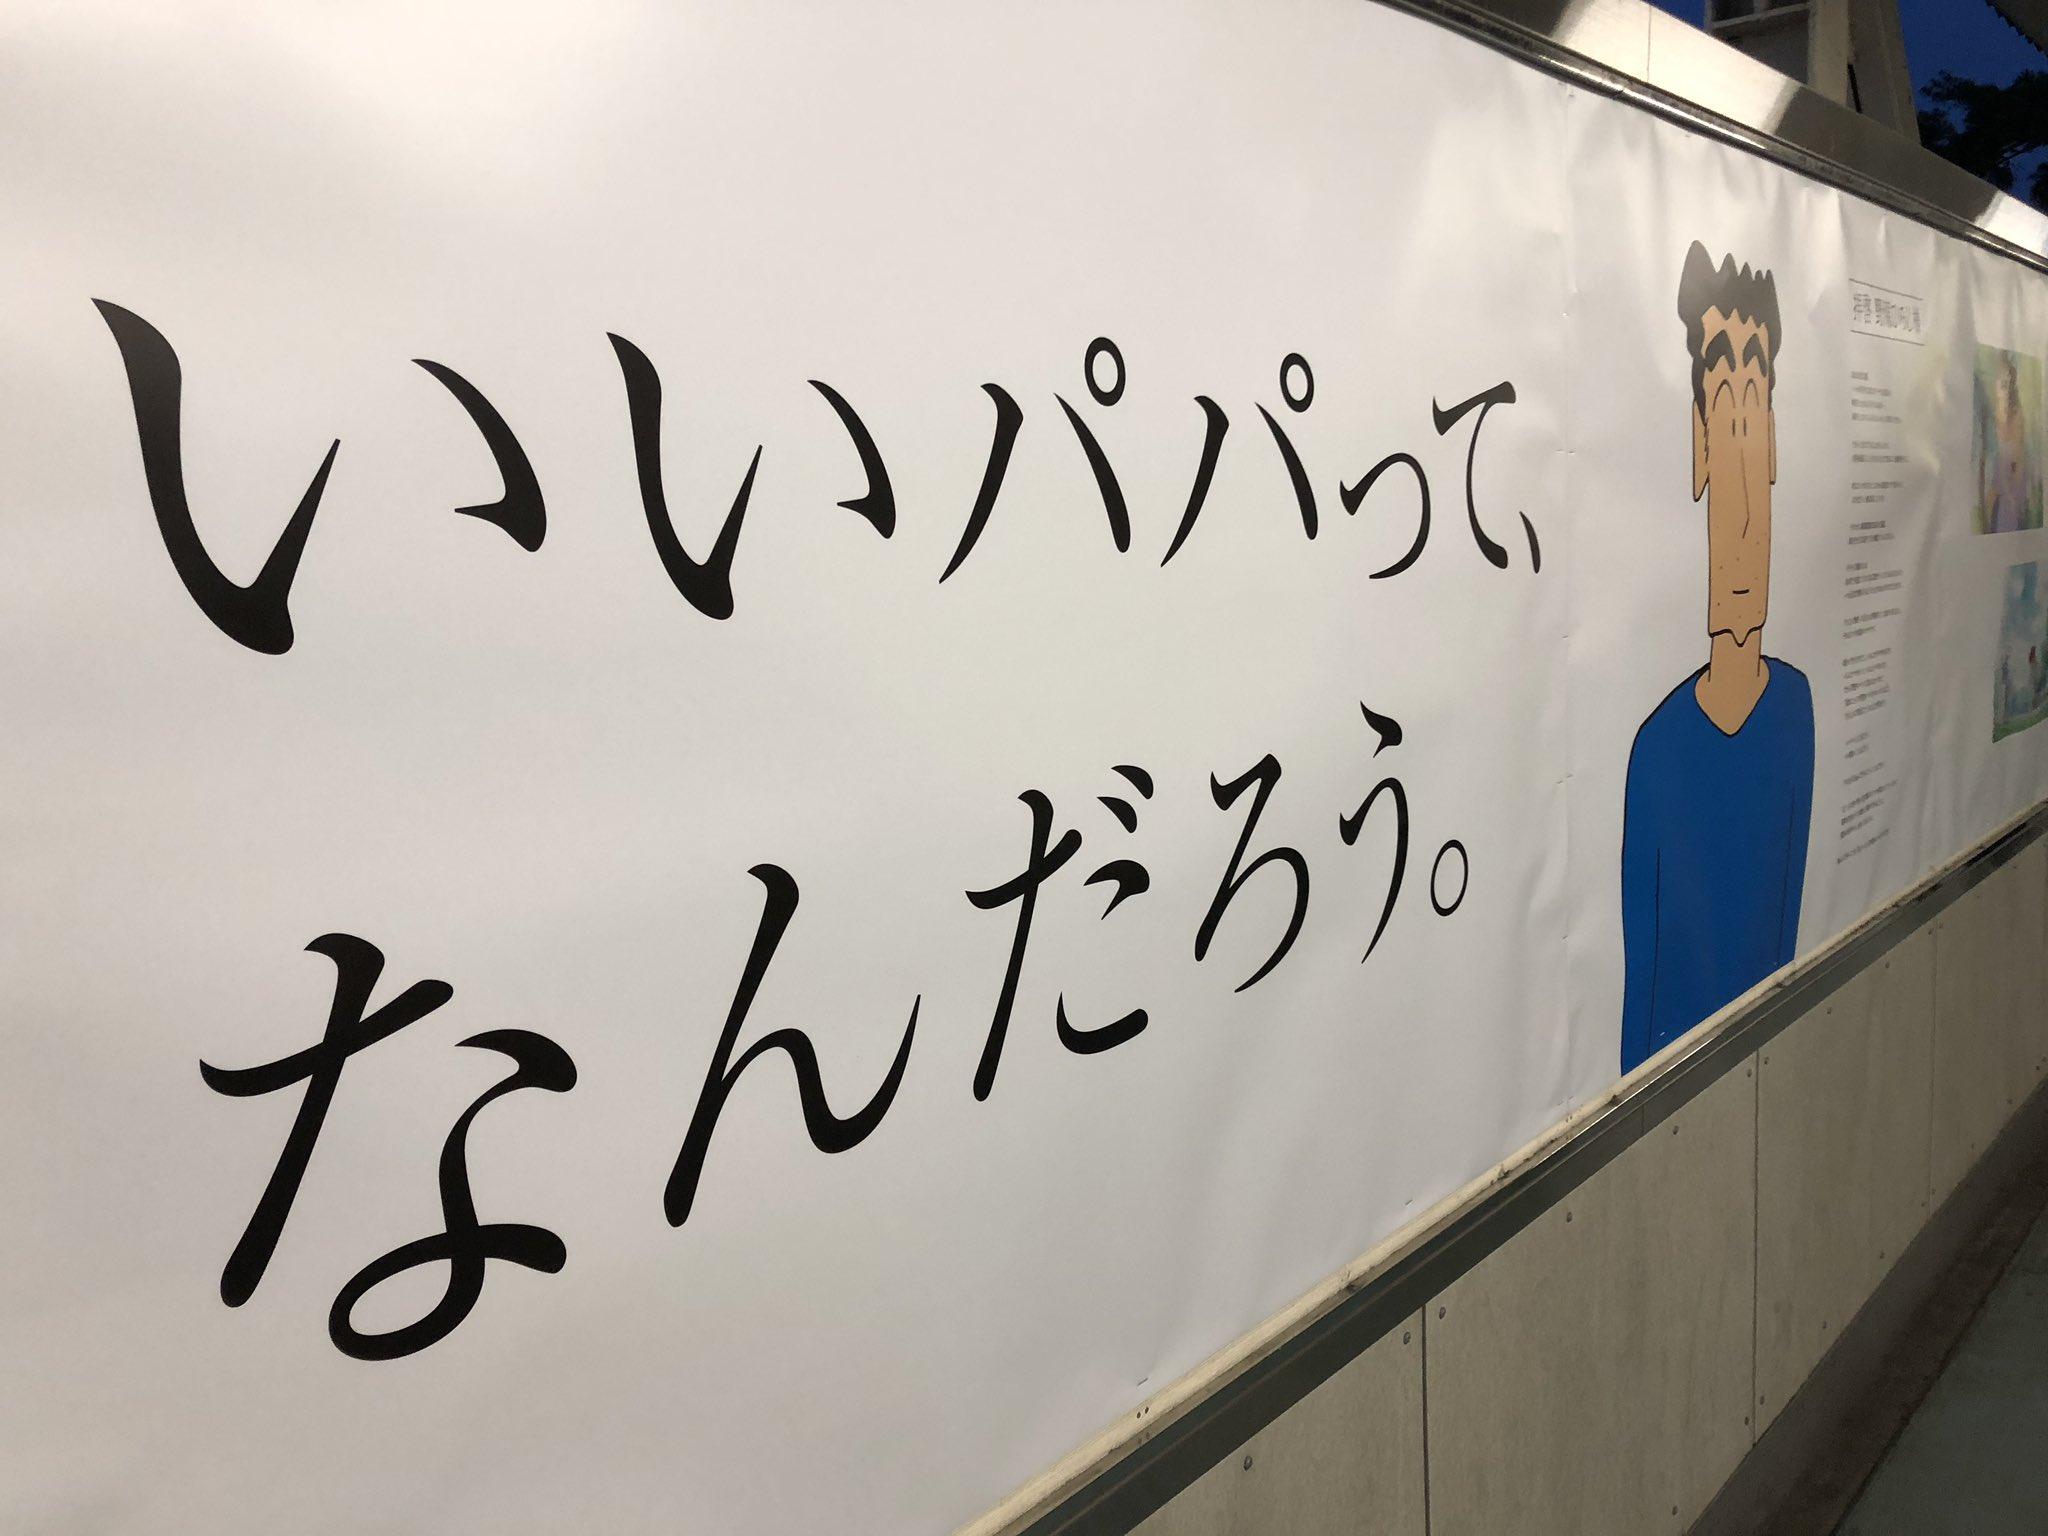 @otetegachikkoi ゆきまむさん〜!これ泣いちゃいますよね!!春日部駅は母の日、父の日もこんな感じでしんちゃんのポスター貼ってあってほんと毎回涙腺やられるんです…!!今年は母の日は撮れなかったんですが、父の日もこれまた涙腺やられるやつだったのでどうぞ(笑)